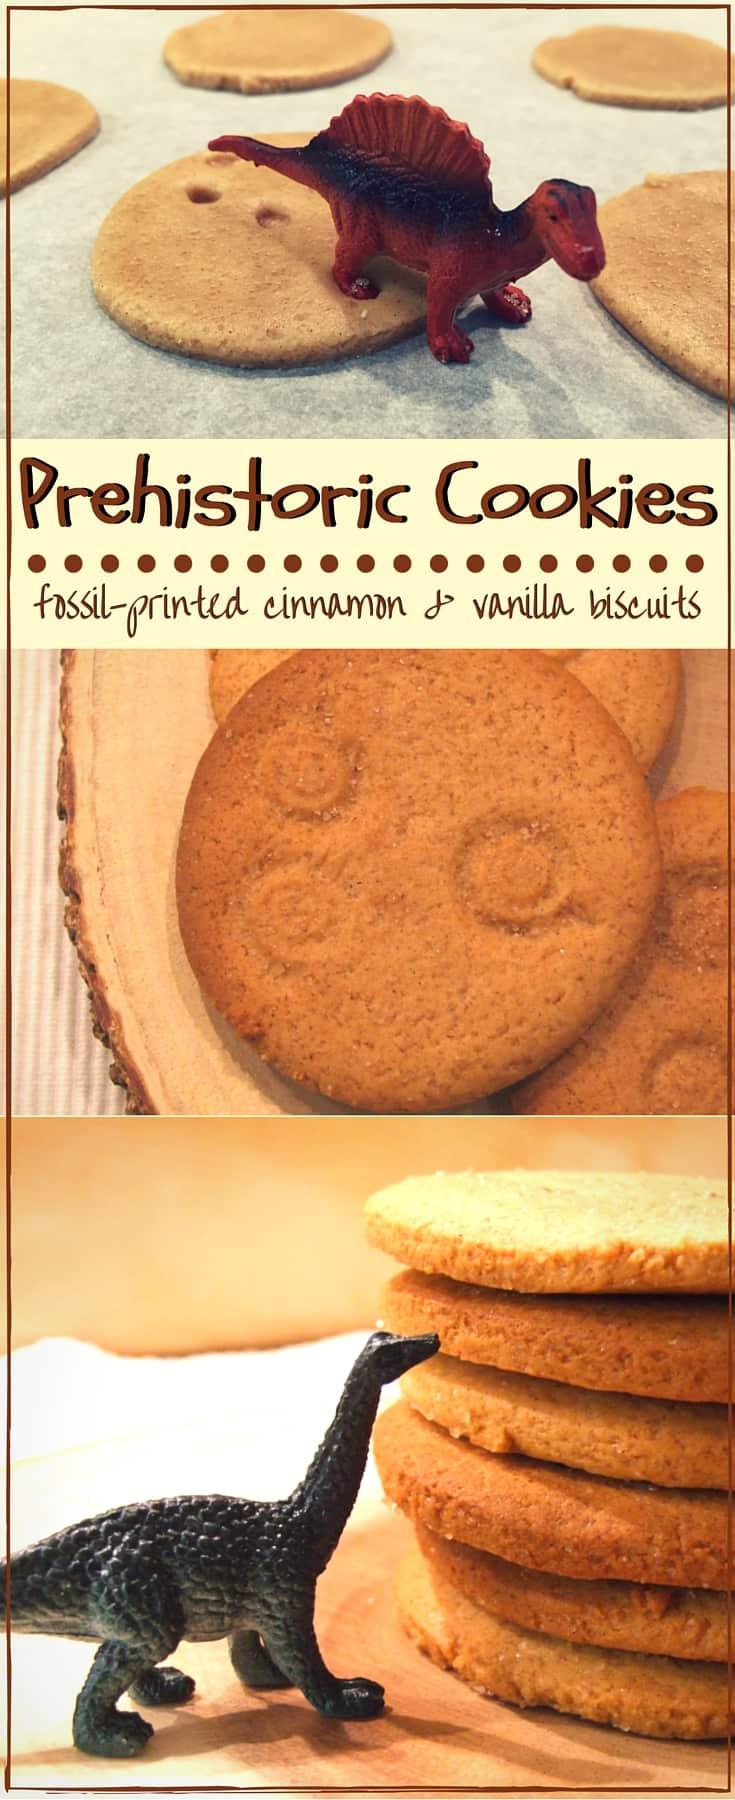 fossil-printed cinnamon & vanilla cookies